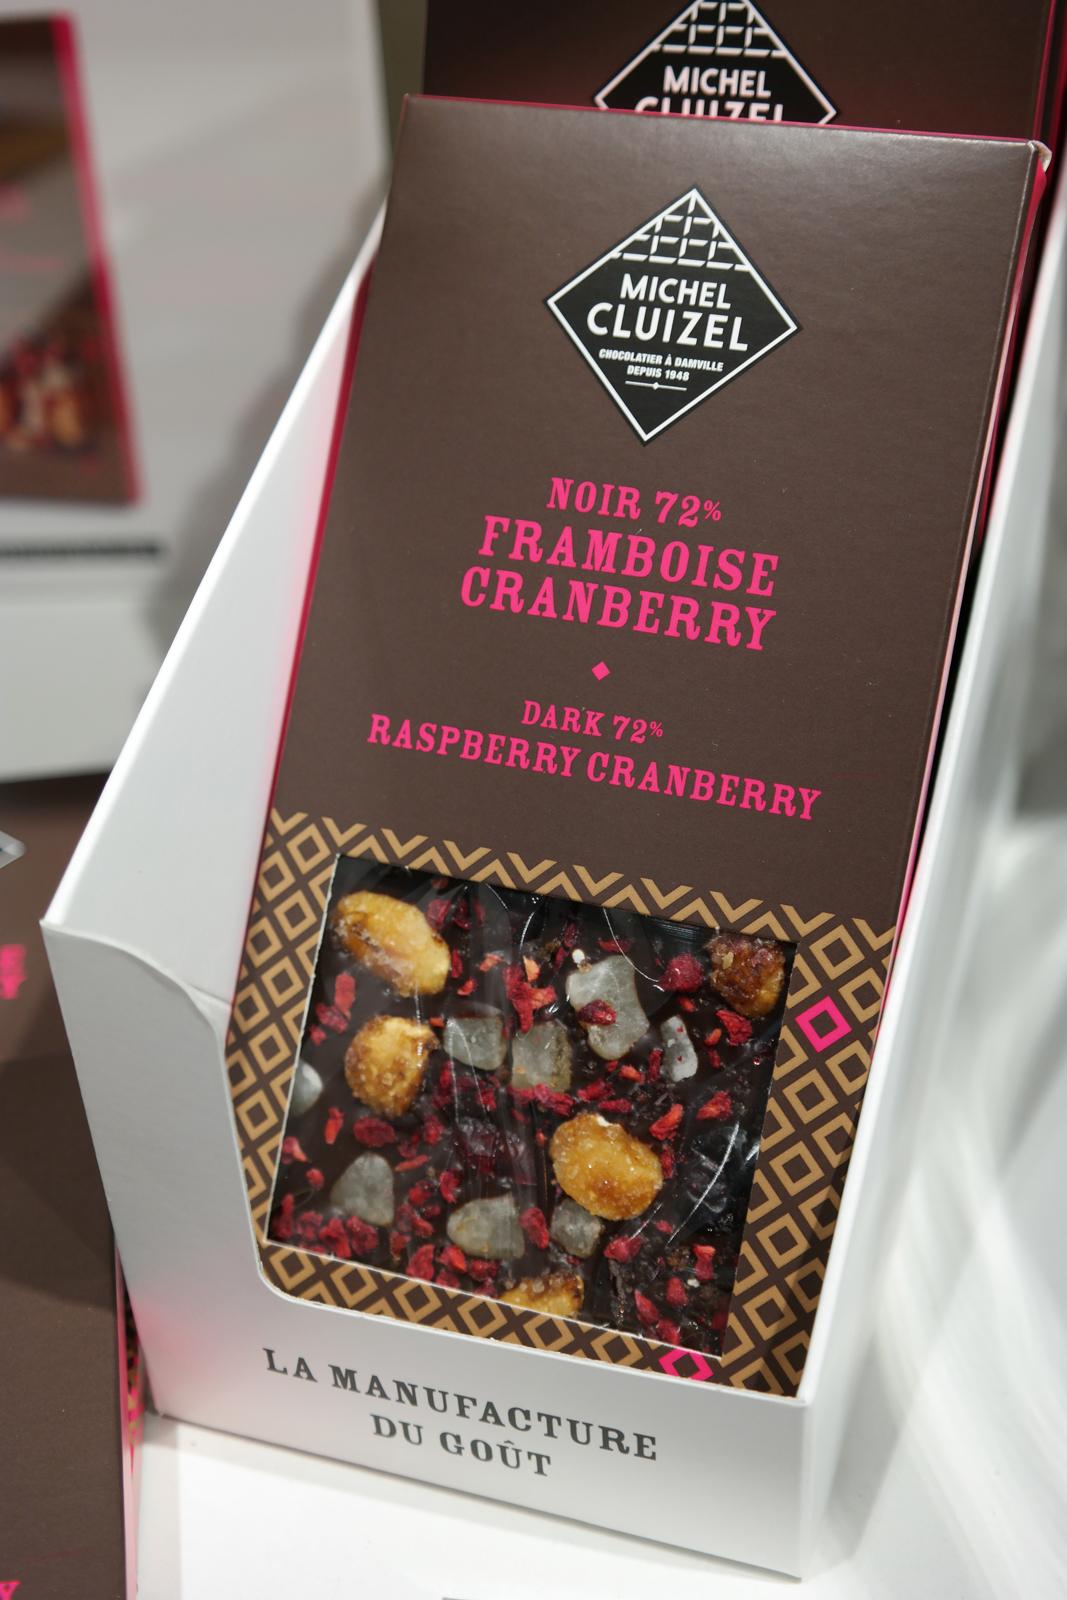 Tablette chocolat noir 72 avec pépites de framboises, cranberries cranberry, dés de citron et éclats amandes caramélisées Michel Cluizel chocolatier manufacture photo usofparis blog